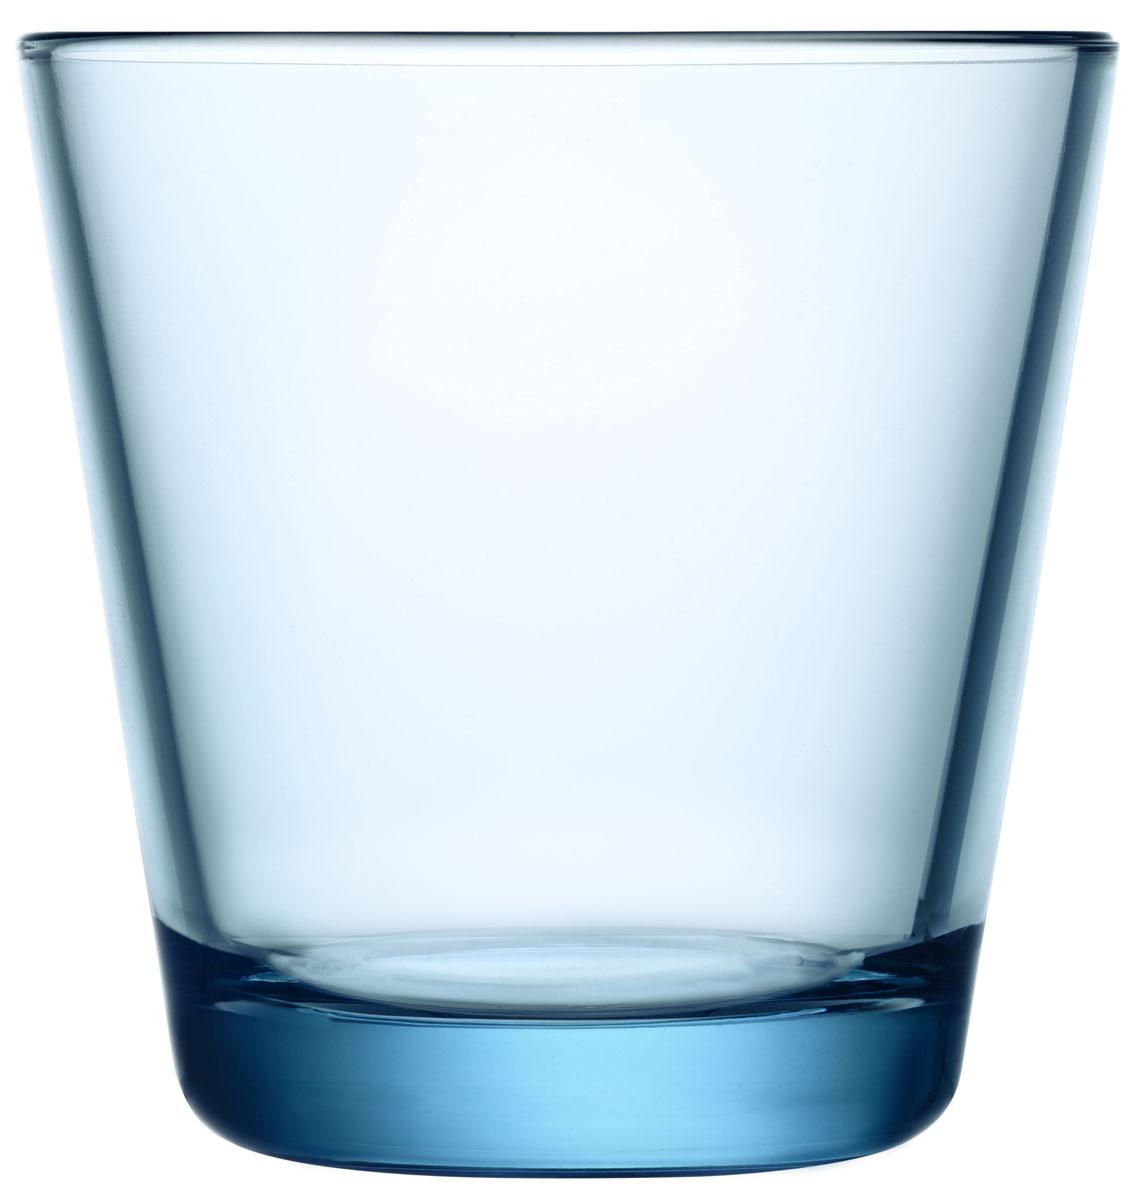 Набор стаканов Iittala Kartio, цвет: голубой, 210 мл, 2 шт1008536Стаканы Iittala выполнены из высококачественного стекла. Изделия имеют удобную изящнуюформу, которая позволит им комфортно лежать в вашей руке. Дизайн стаканов будет радовать глаз. Легкий и прочный материал обеспечитсохранность изделия в течение многих лет.